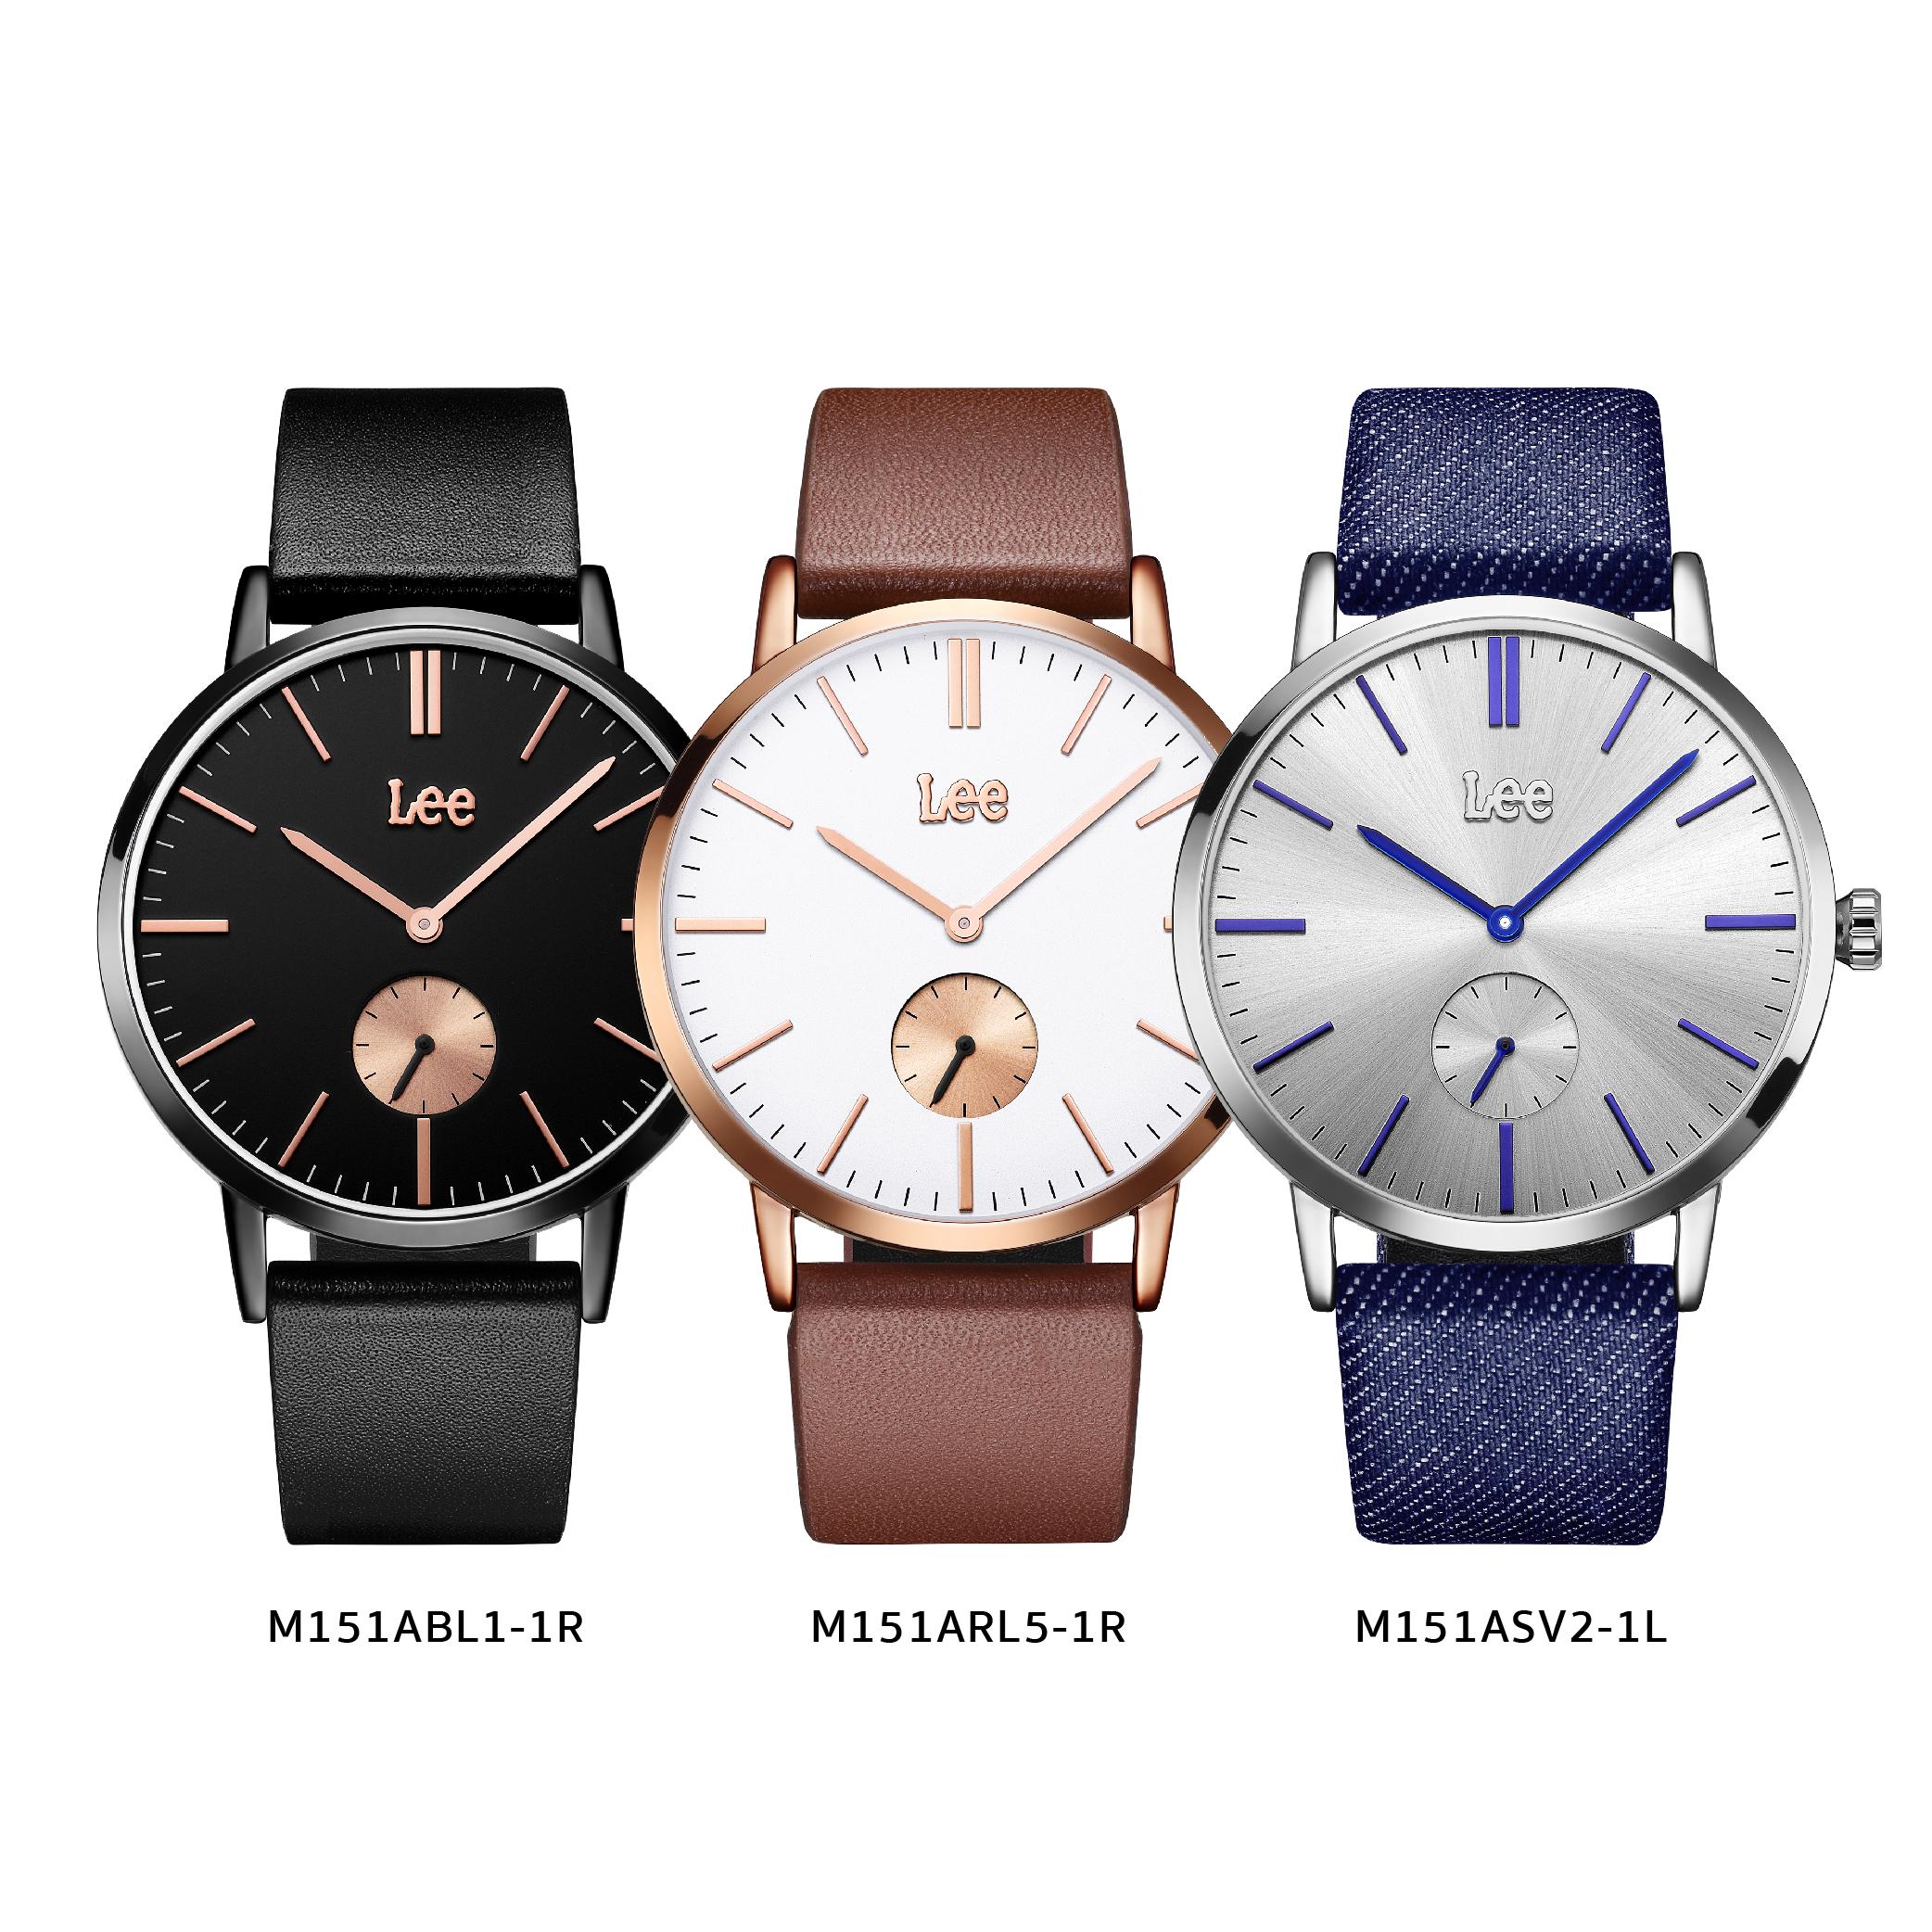 นาฬิกาข้อมือผู้ชาย LEE LEF-M151ABL1-1R